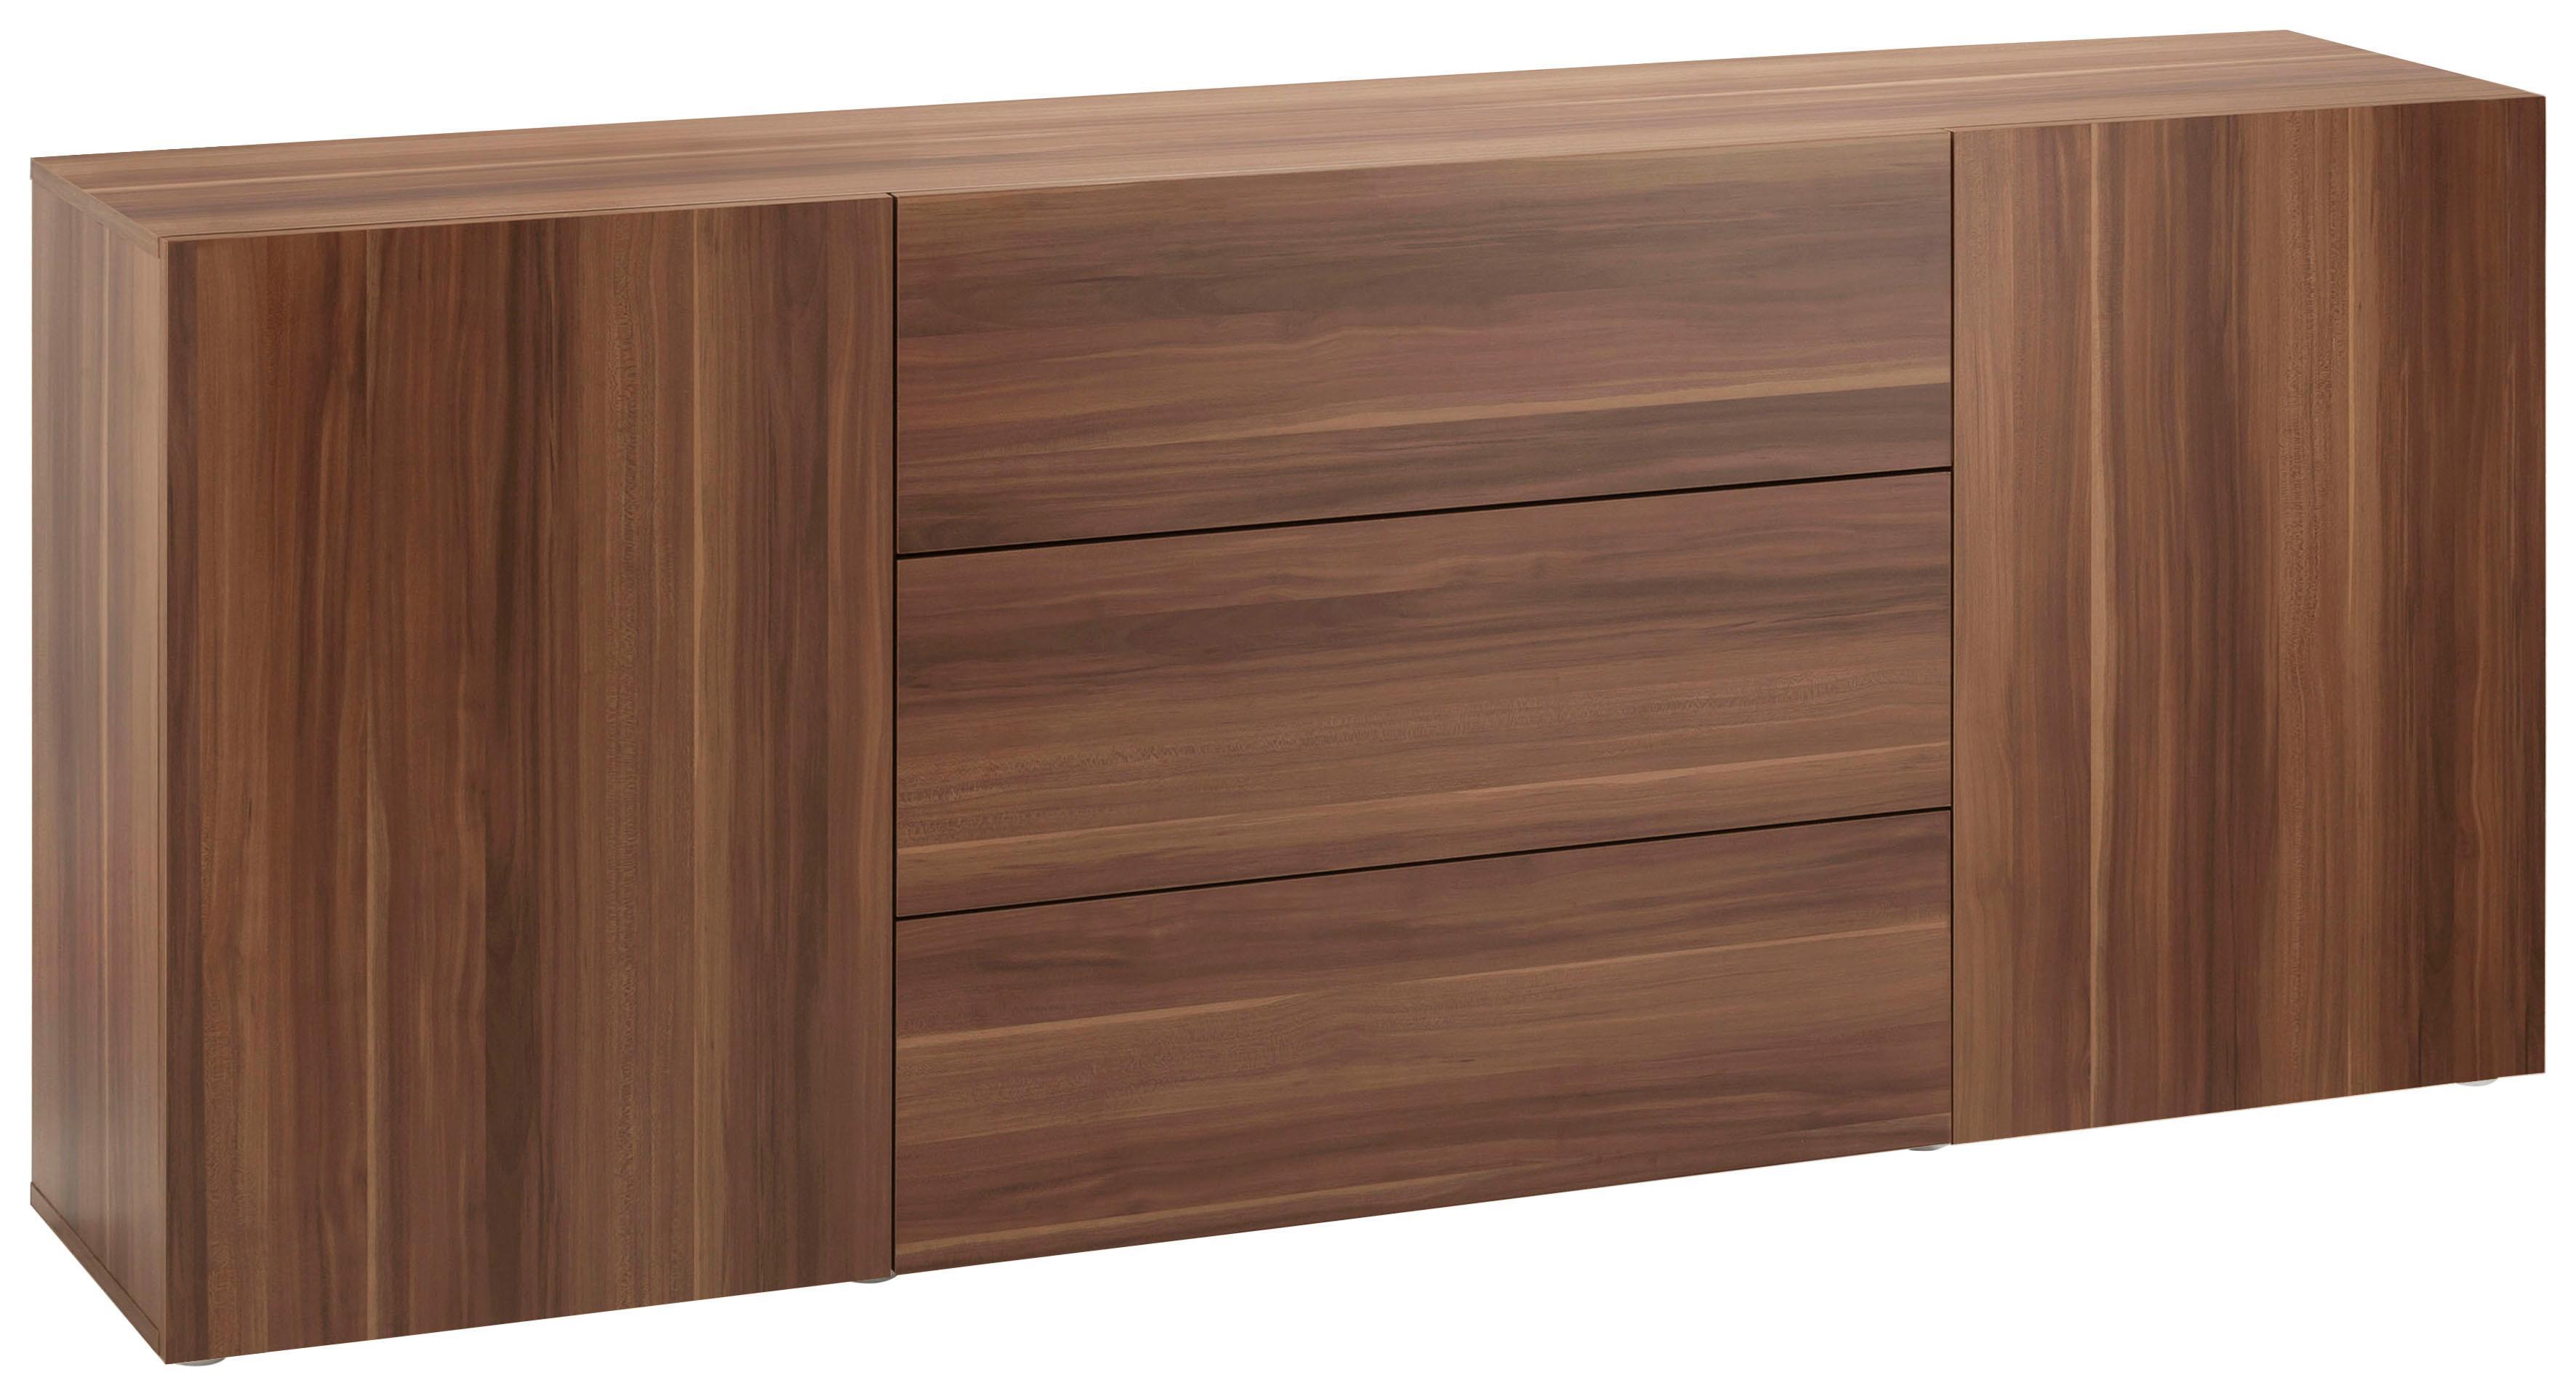 Sideboard Torben Breite 166 cm